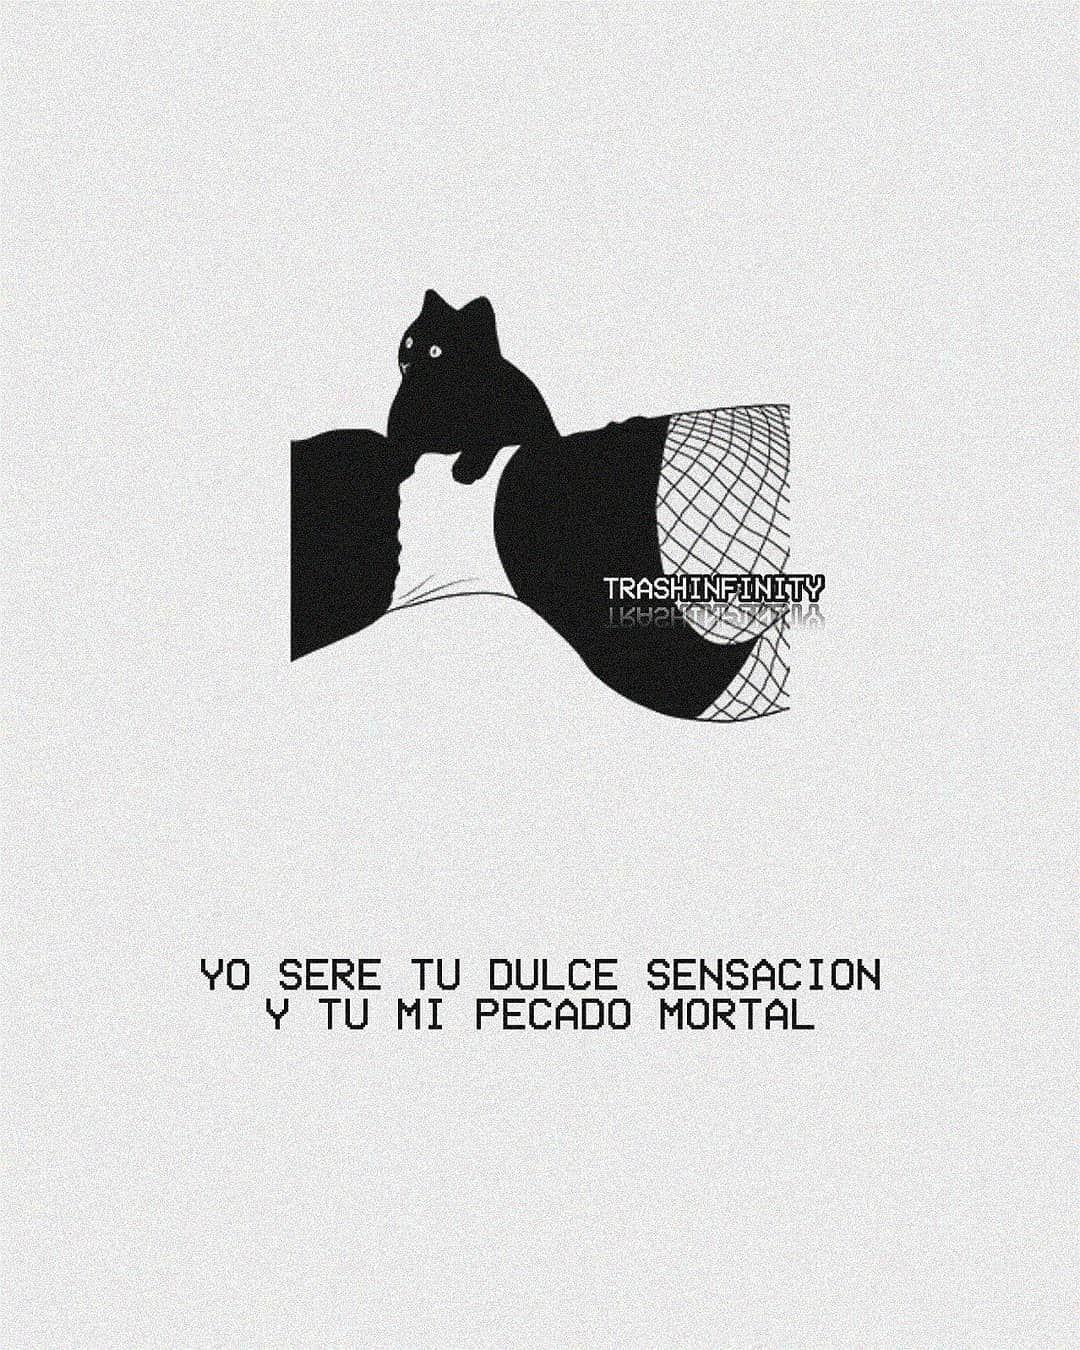 La Imagen Puede Contener Texto Frases Tumblr Cortas Joker Frases Imagenes Atrevidas De Amor